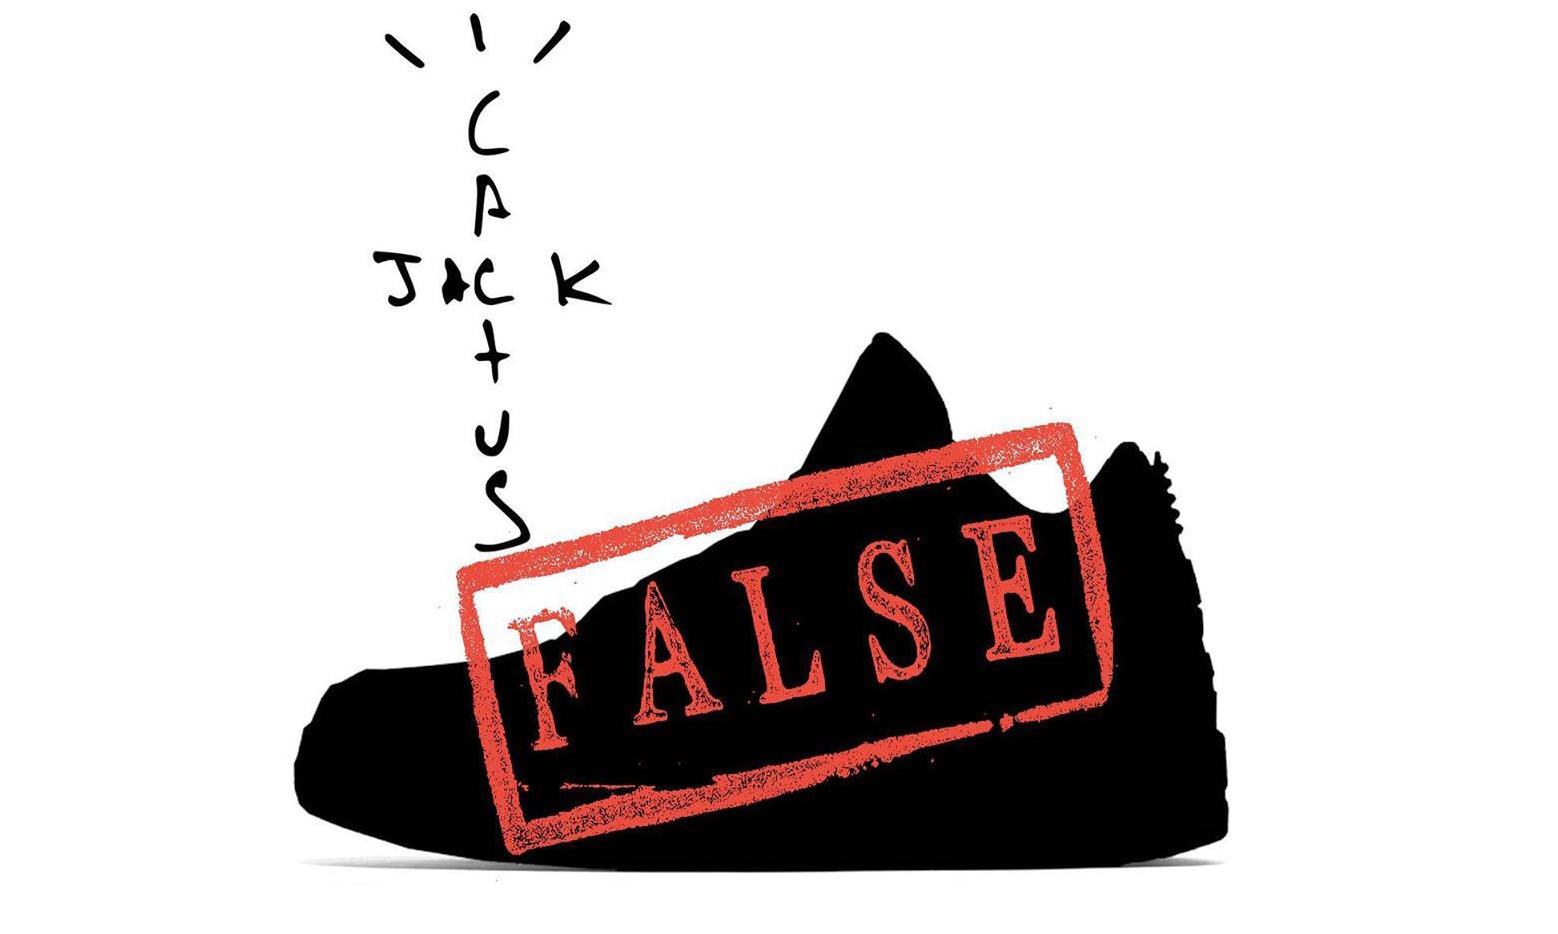 剧情反转,据称 Nike 确认 Travis Scott x Air Jordan III 为假消息